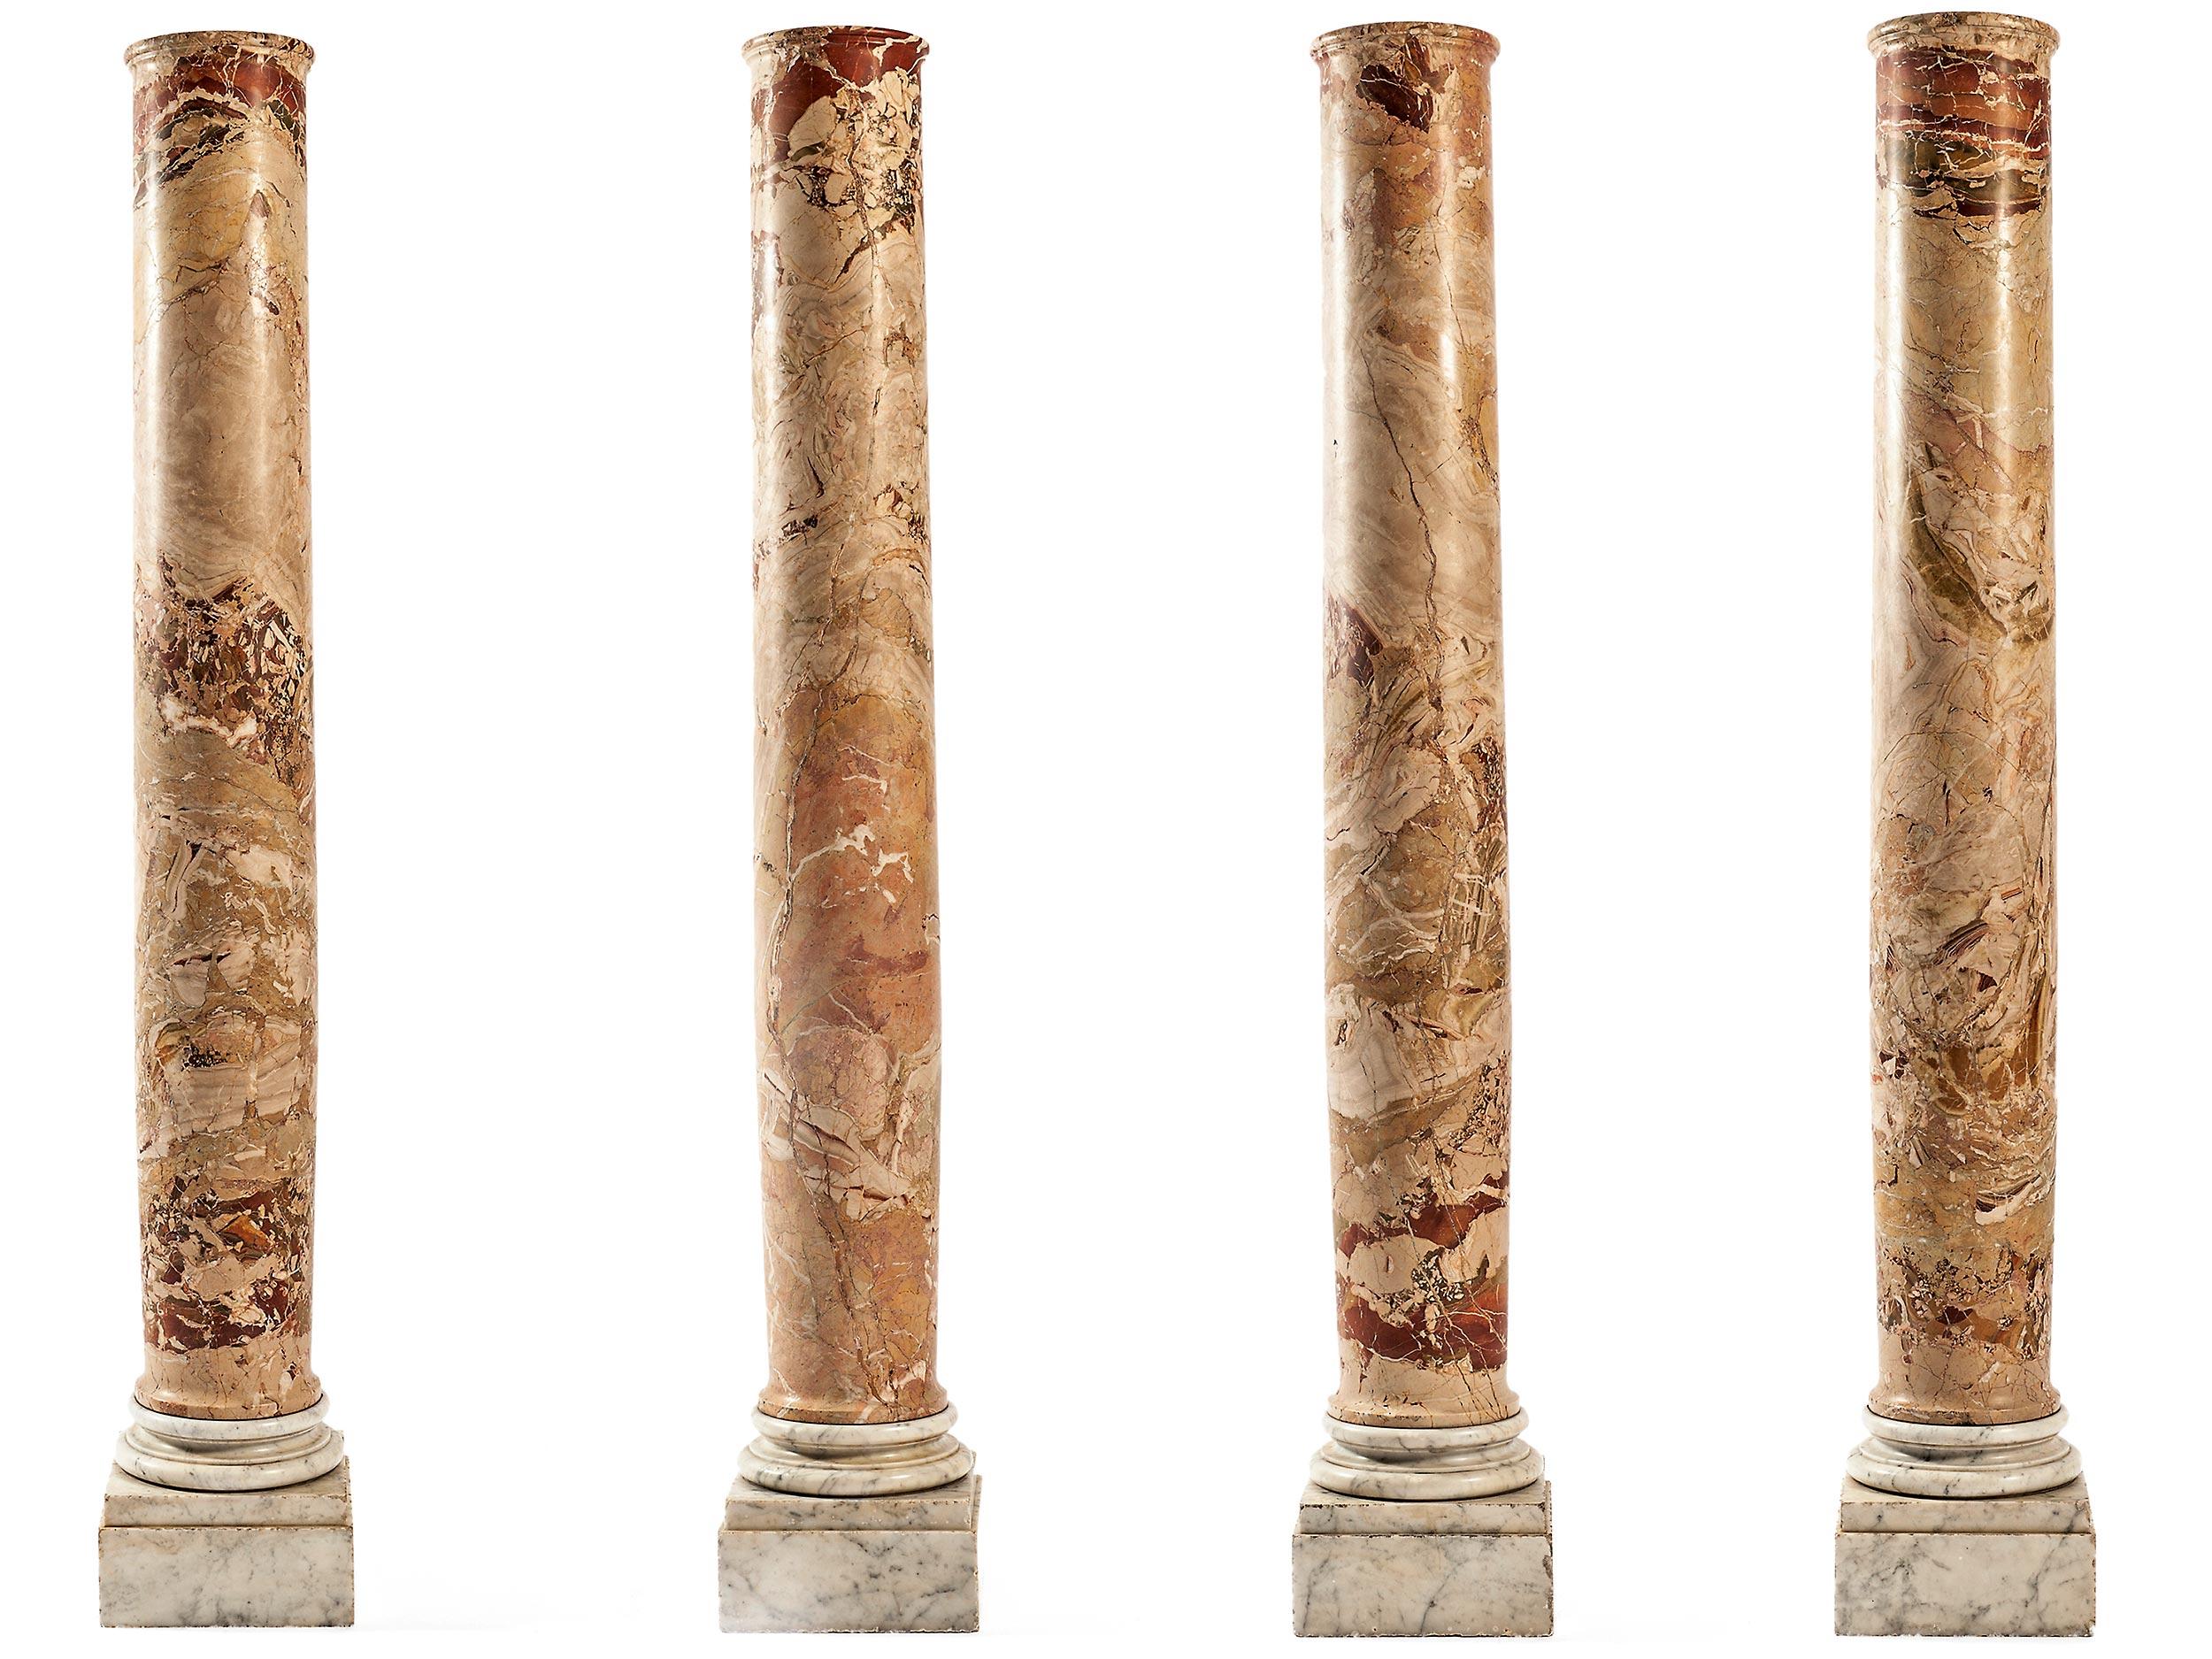 Serie von vier Jaspissäulen